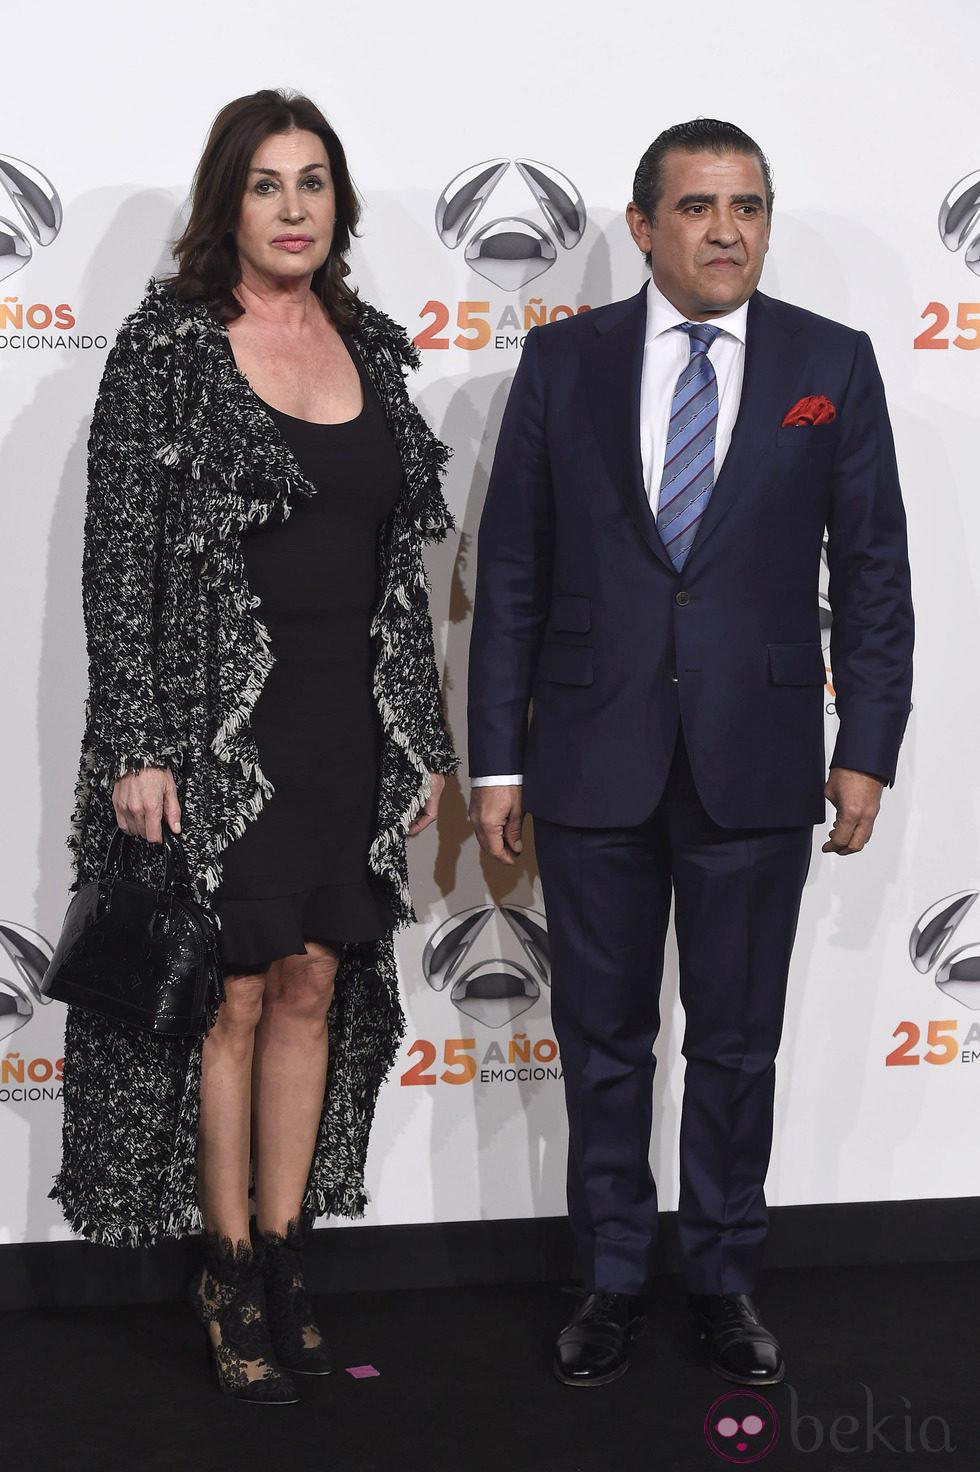 Carmen y Jaime Martínez Bordiú  en la fiesta del 25º Aniversario de Antena 3